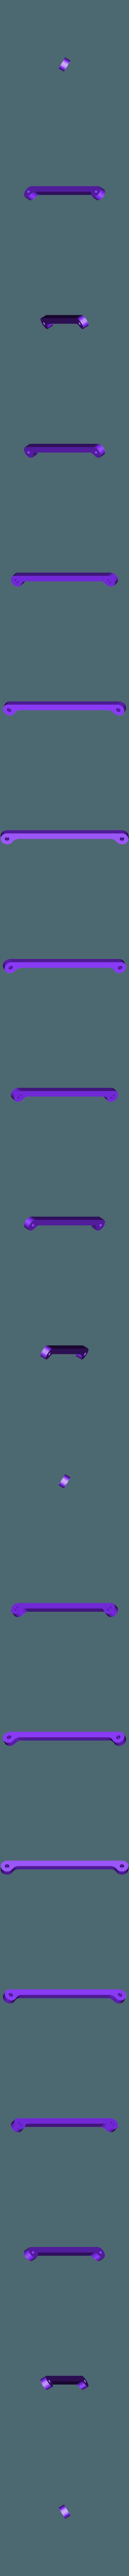 support_cam_4.stl Télécharger fichier STL gratuit Support picam Davinci AiO • Objet imprimable en 3D, bricodx